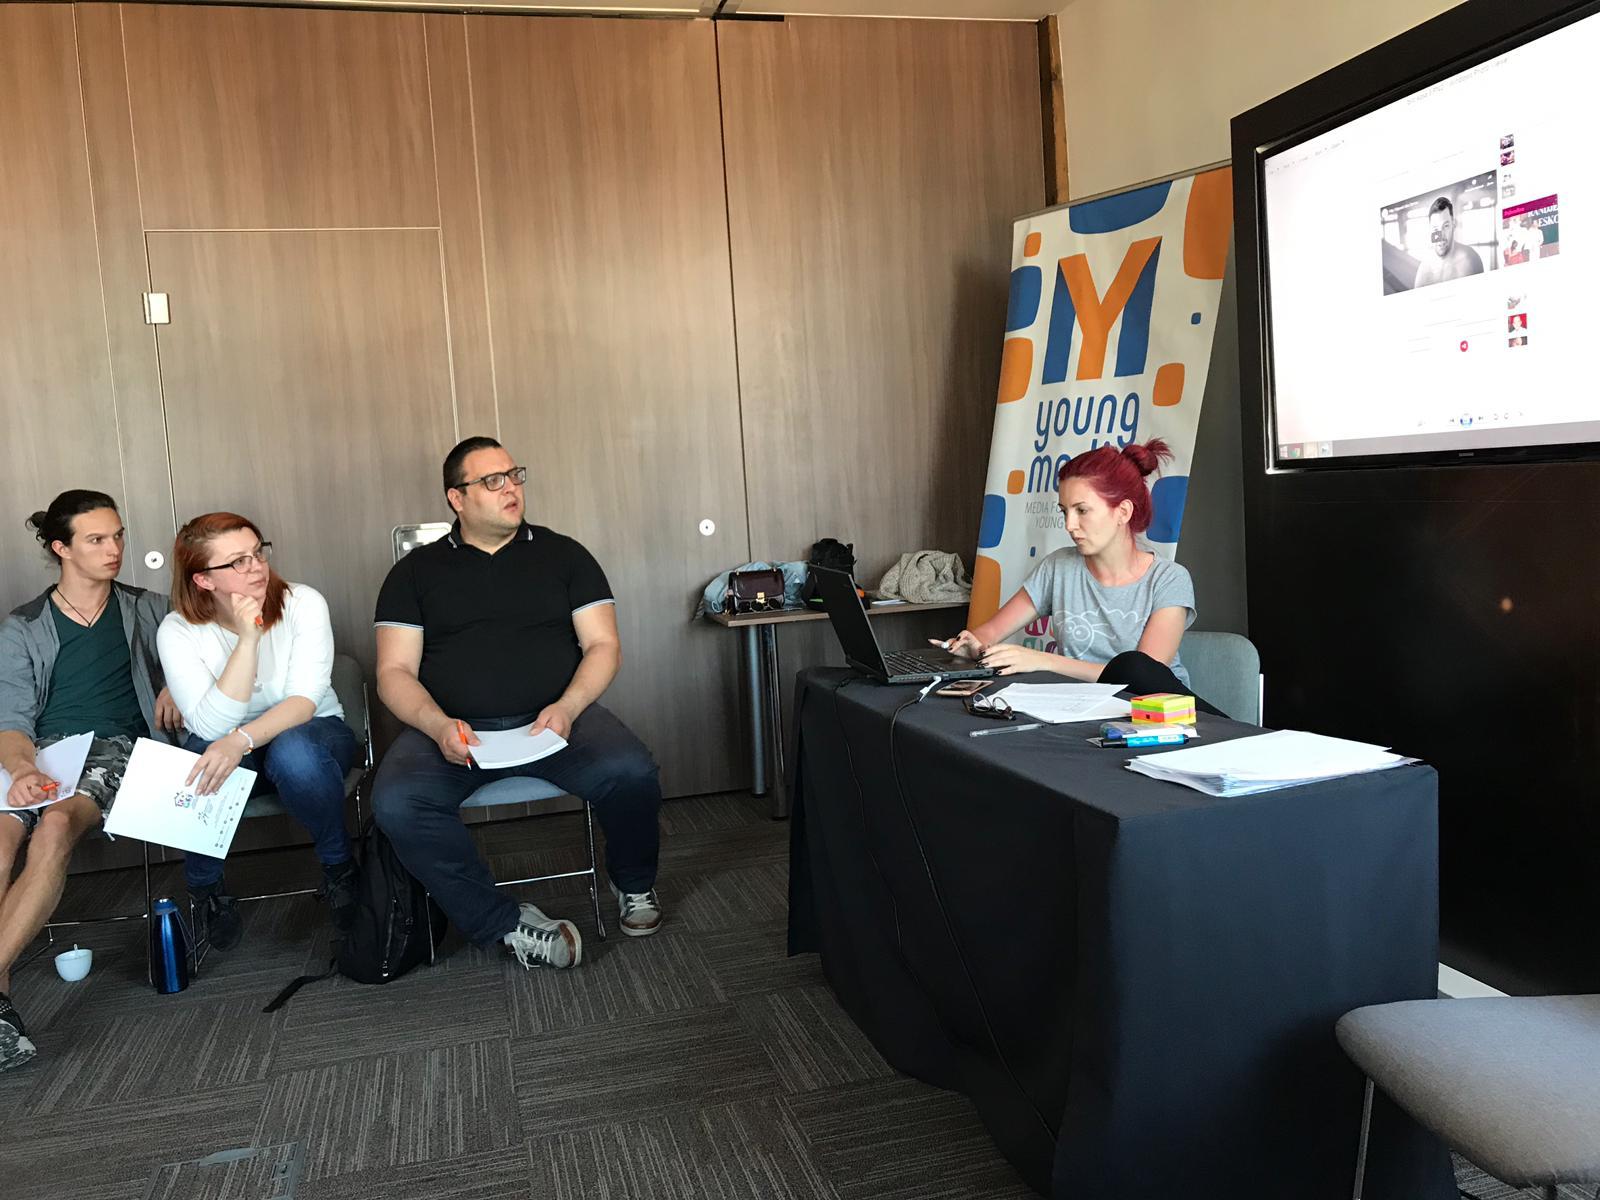 Obuka za saradnike i saradnice na projektu Young Media 2